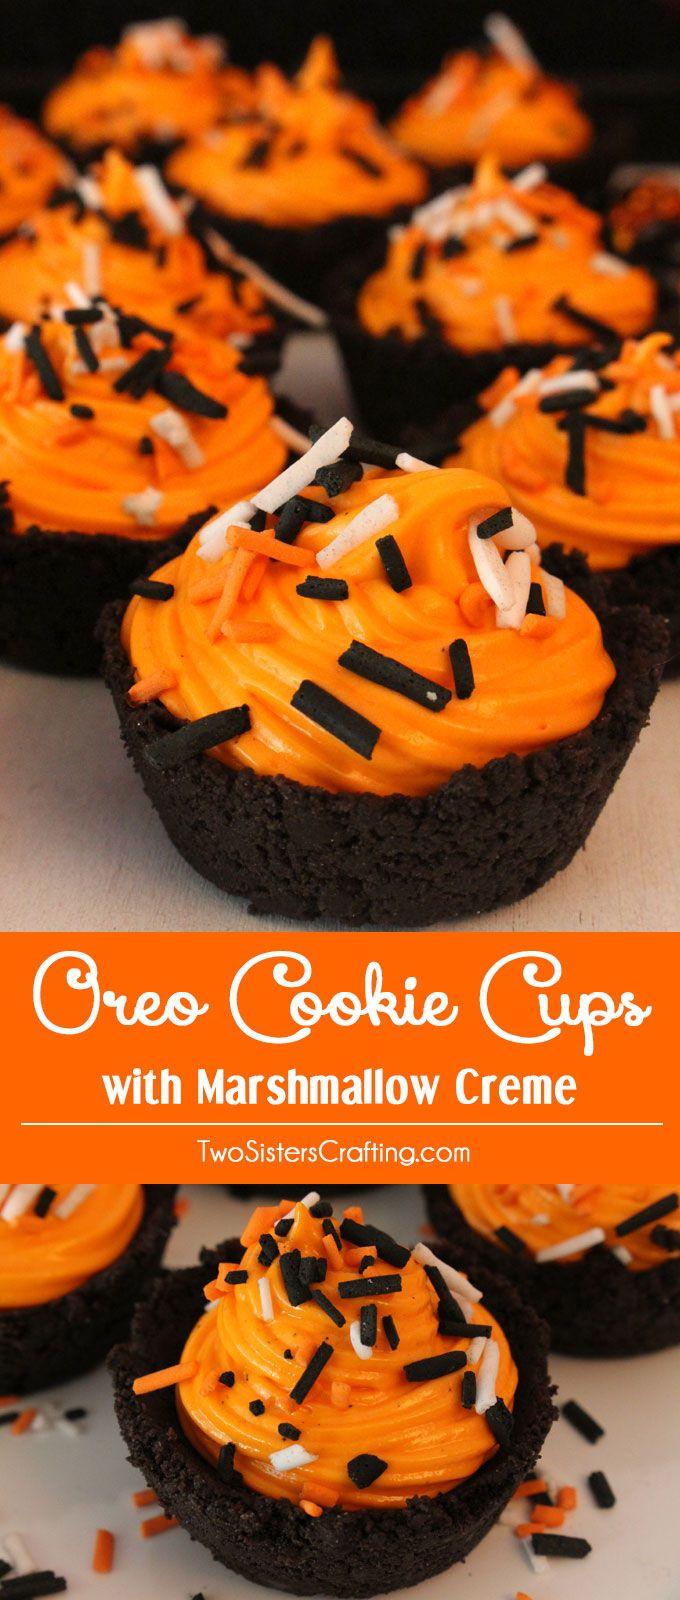 25+ best Halloween desserts ideas on Pinterest | Halloween treats ...